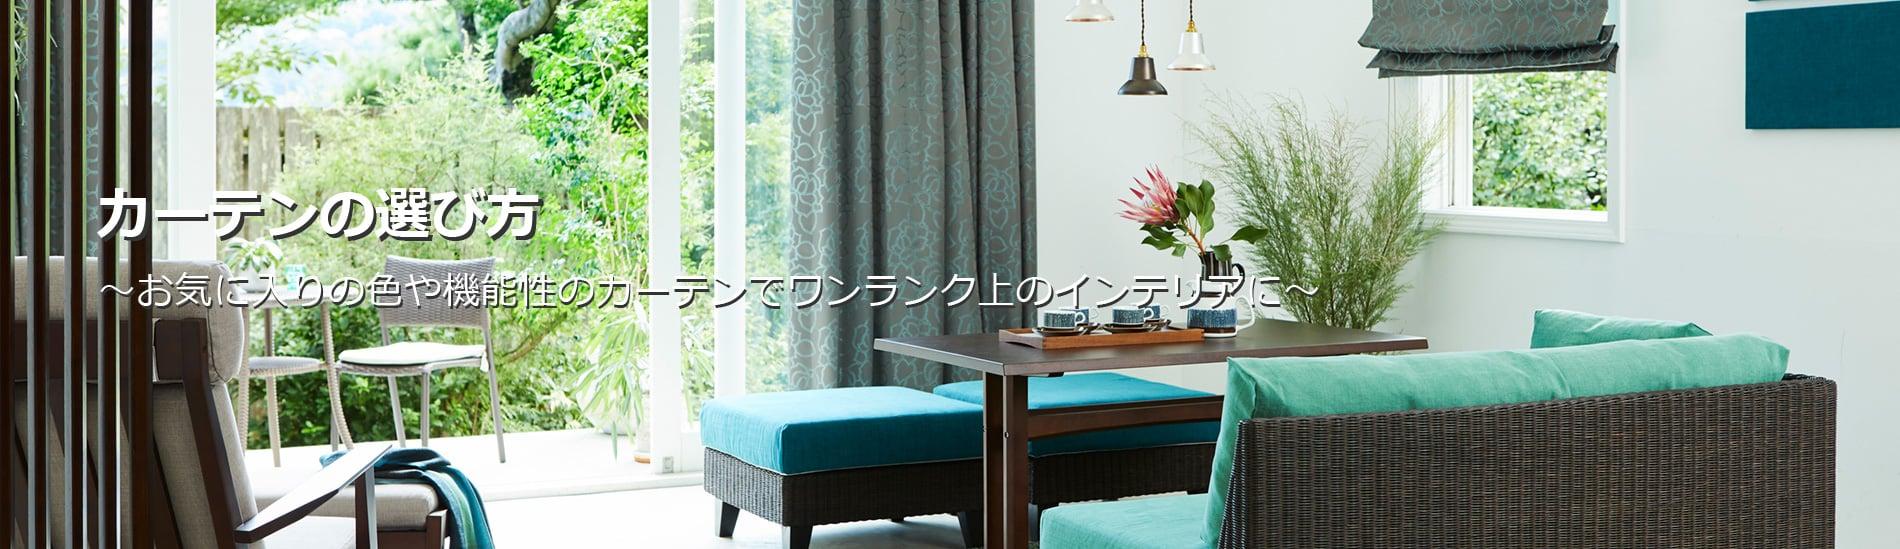 カーテンの選び方~お気に入りの色や機能性のカーテンでワンランク上のインテリアに~